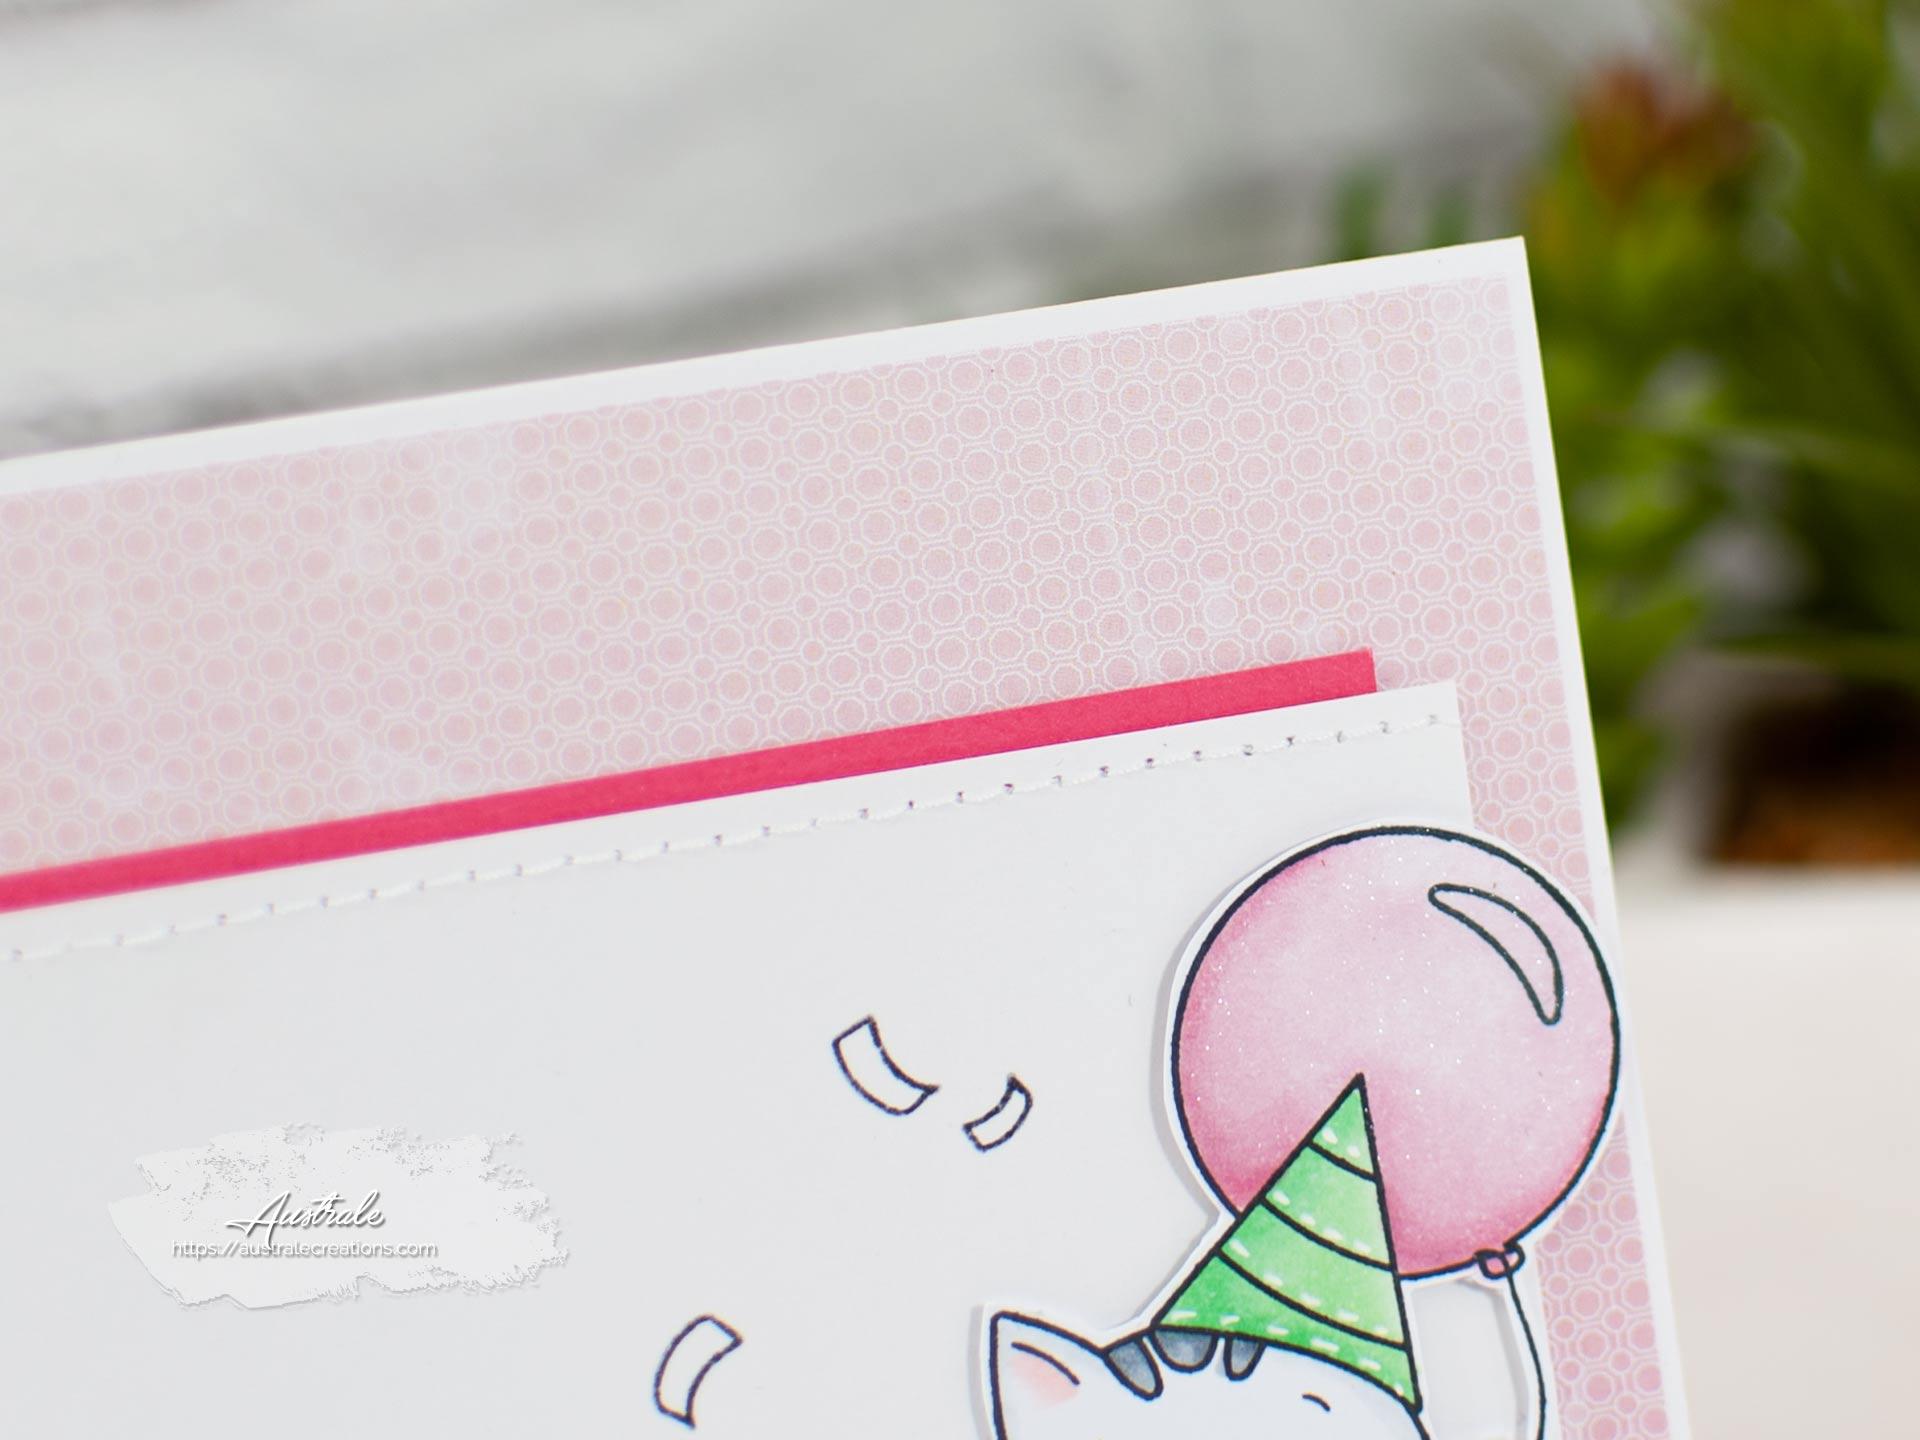 Création d'une carte d'anniversaire avec un adorable petit chat et son ballon sur fond rose.